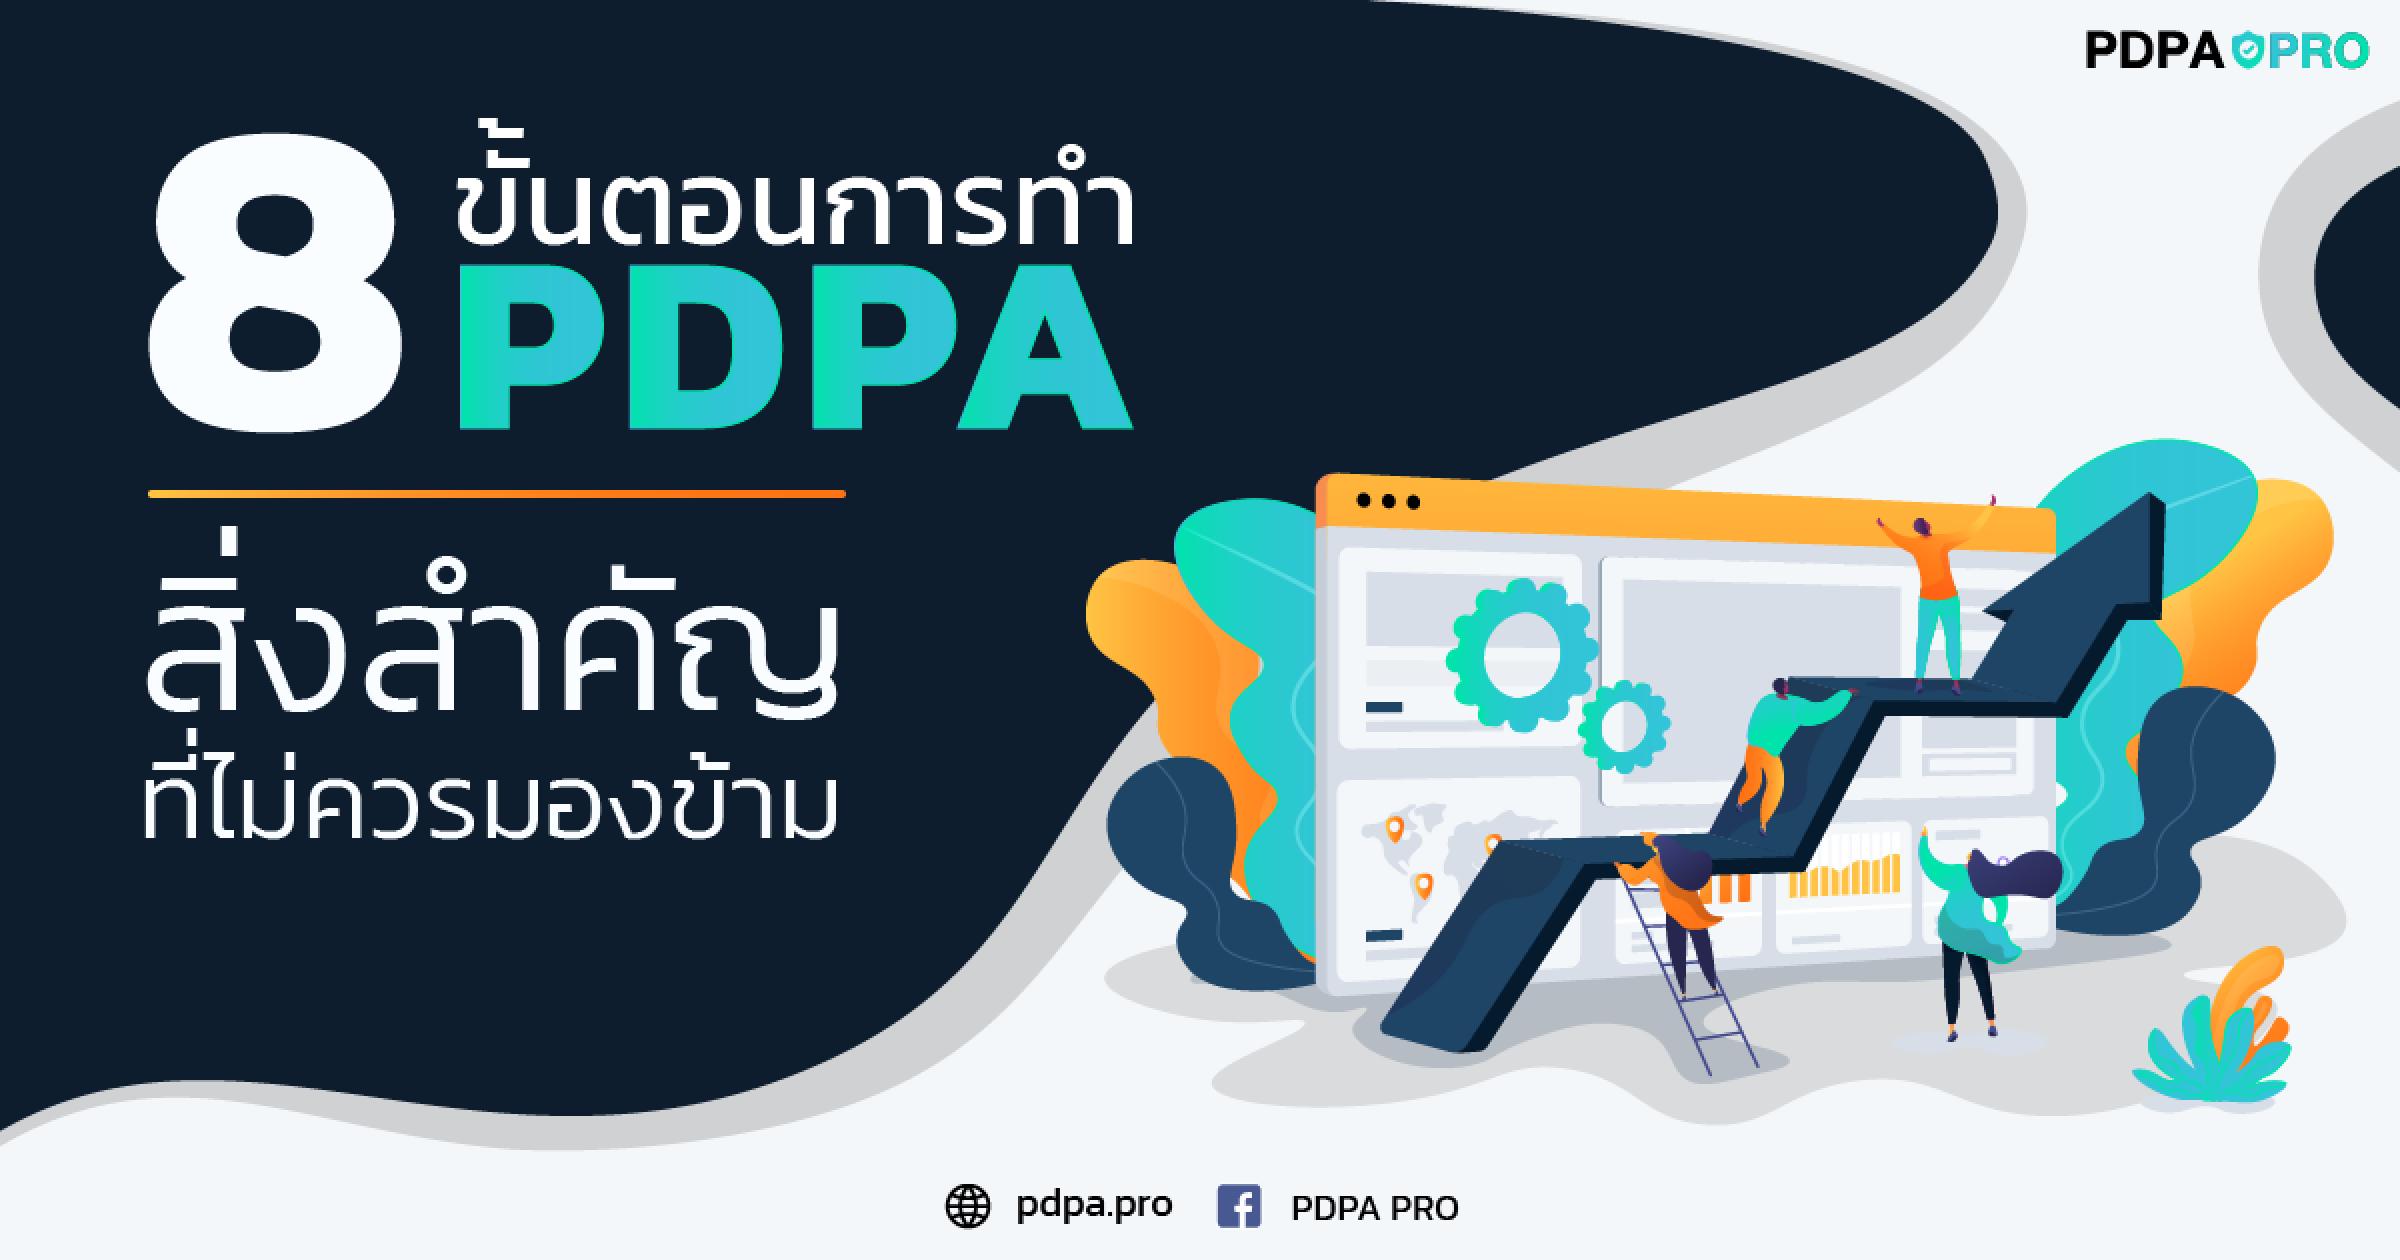 8 ขั้นตอนการทำ PDPA สิ่งสำคัญที่ไม่ควรมองข้าม